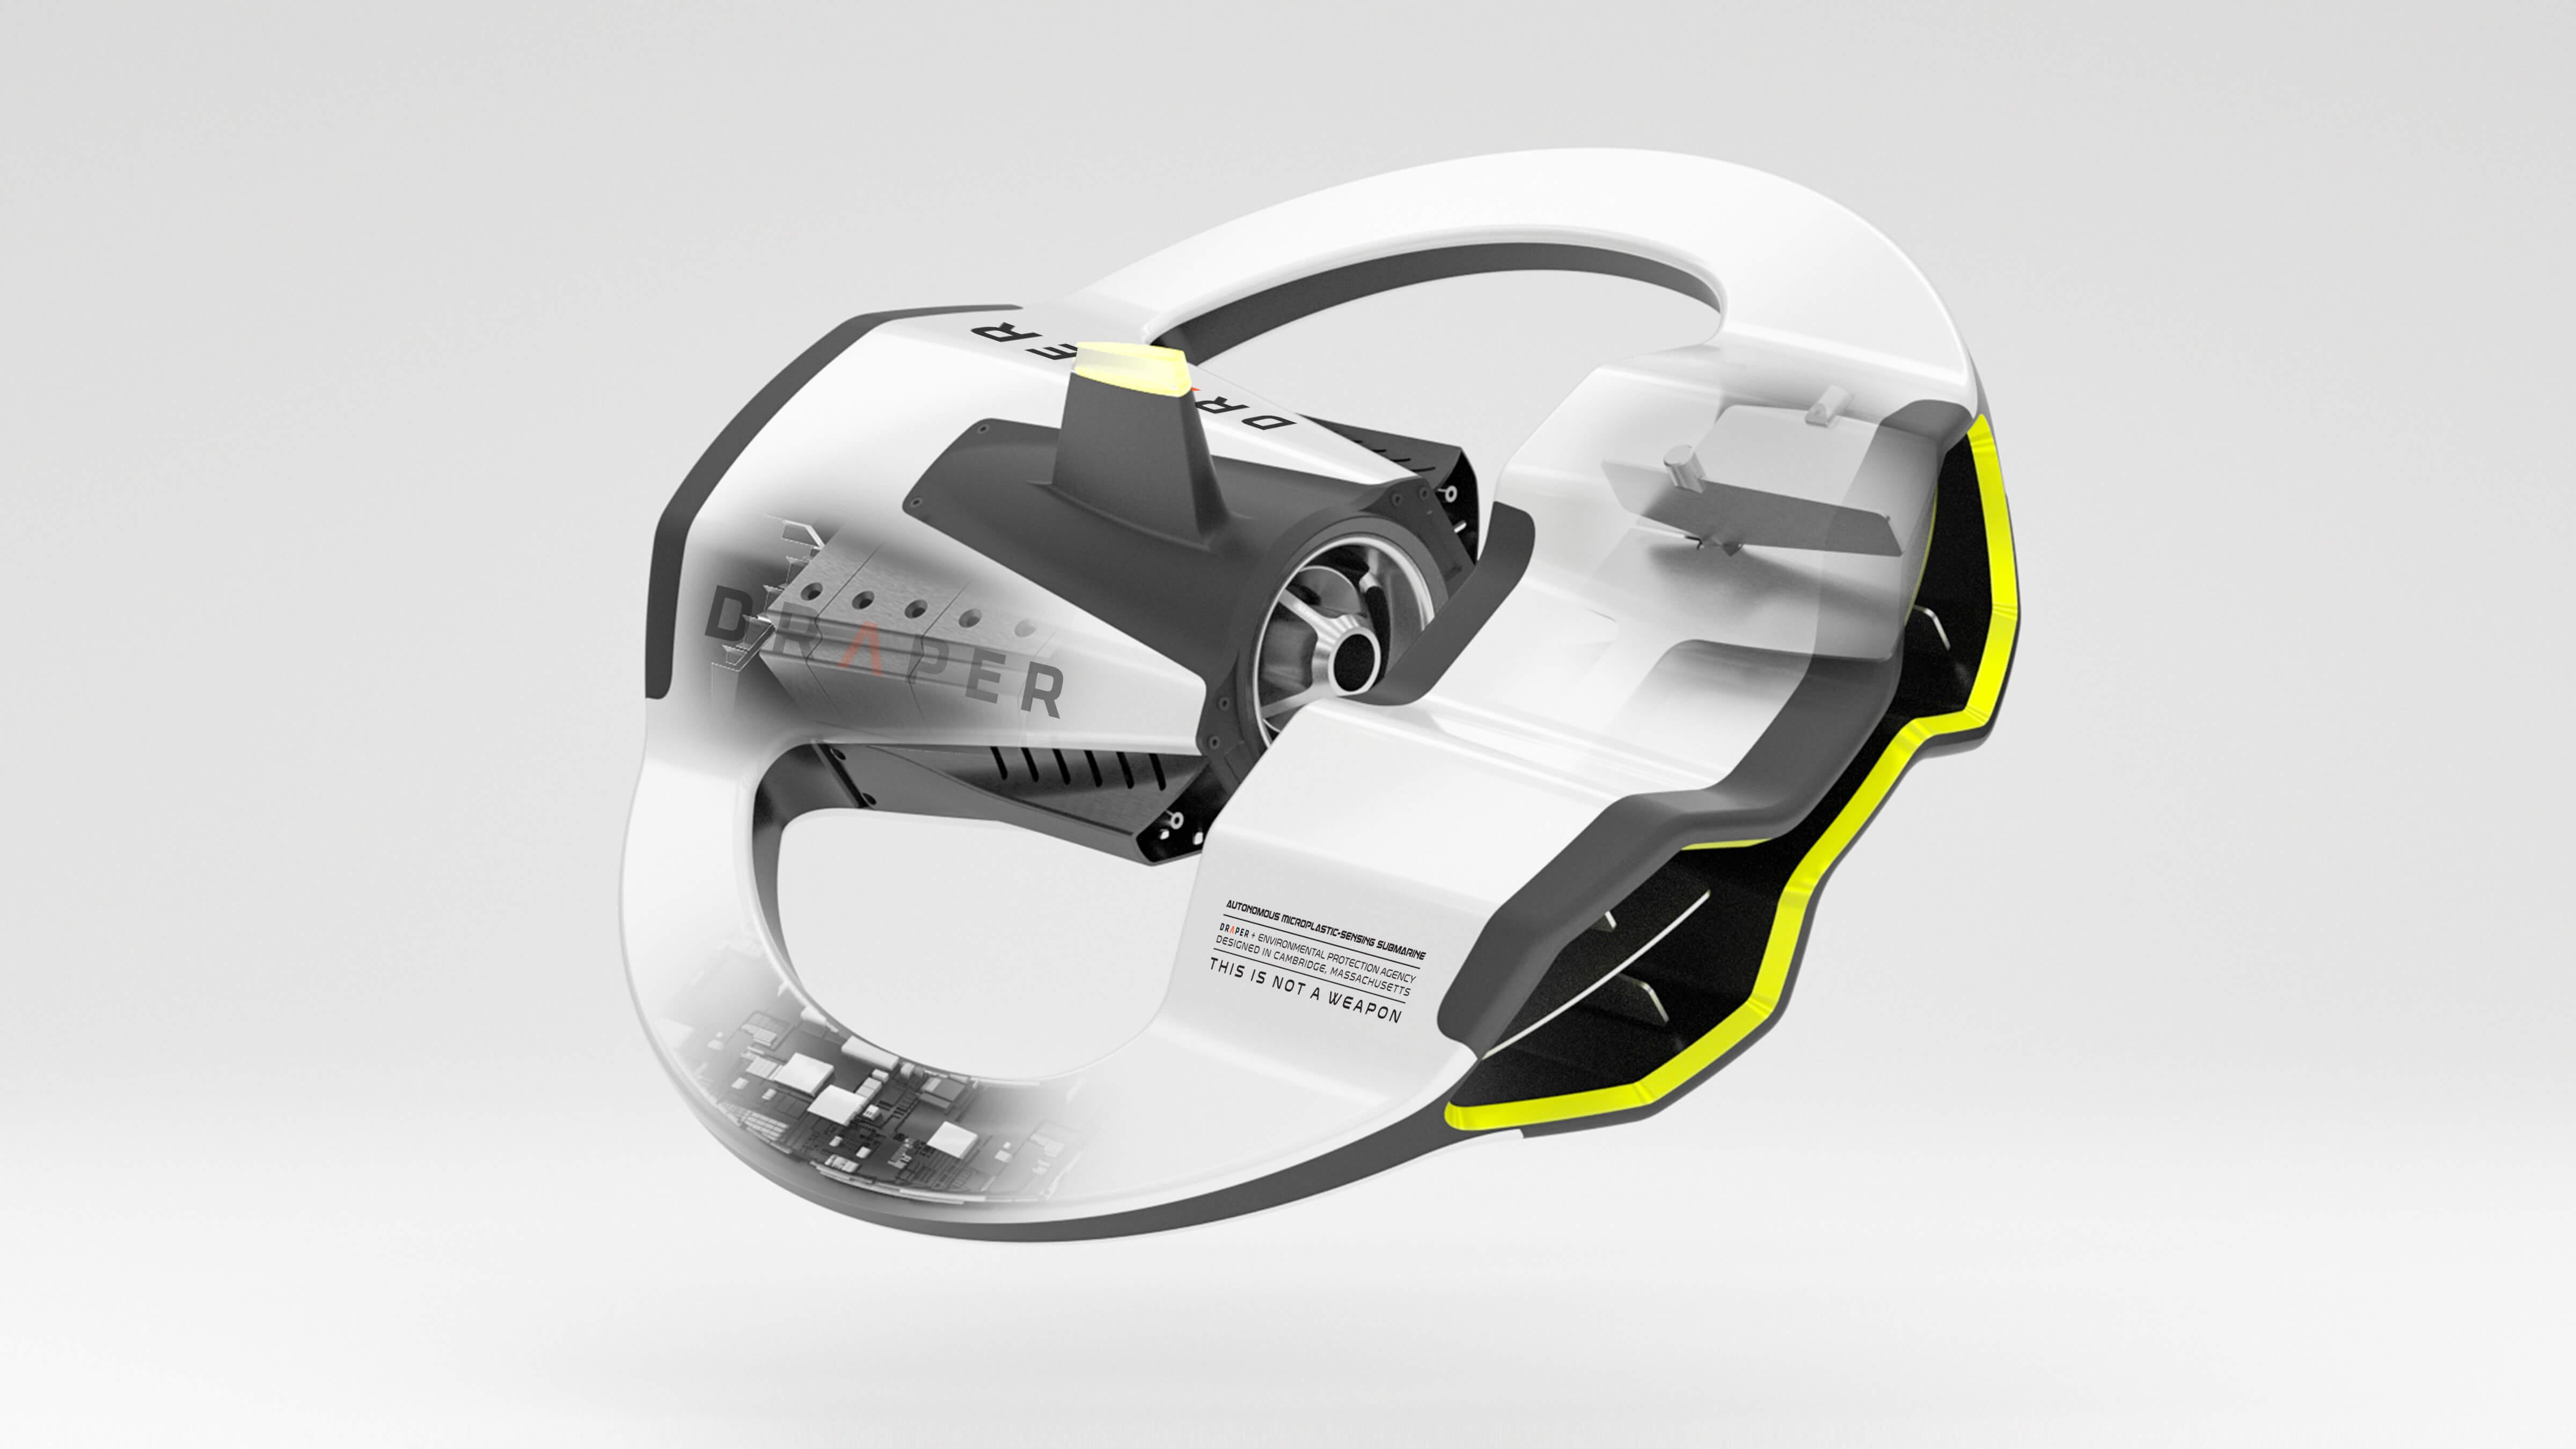 3D CAD Render by Sprout Studios of Draper Autonomous Underwater Vehicle